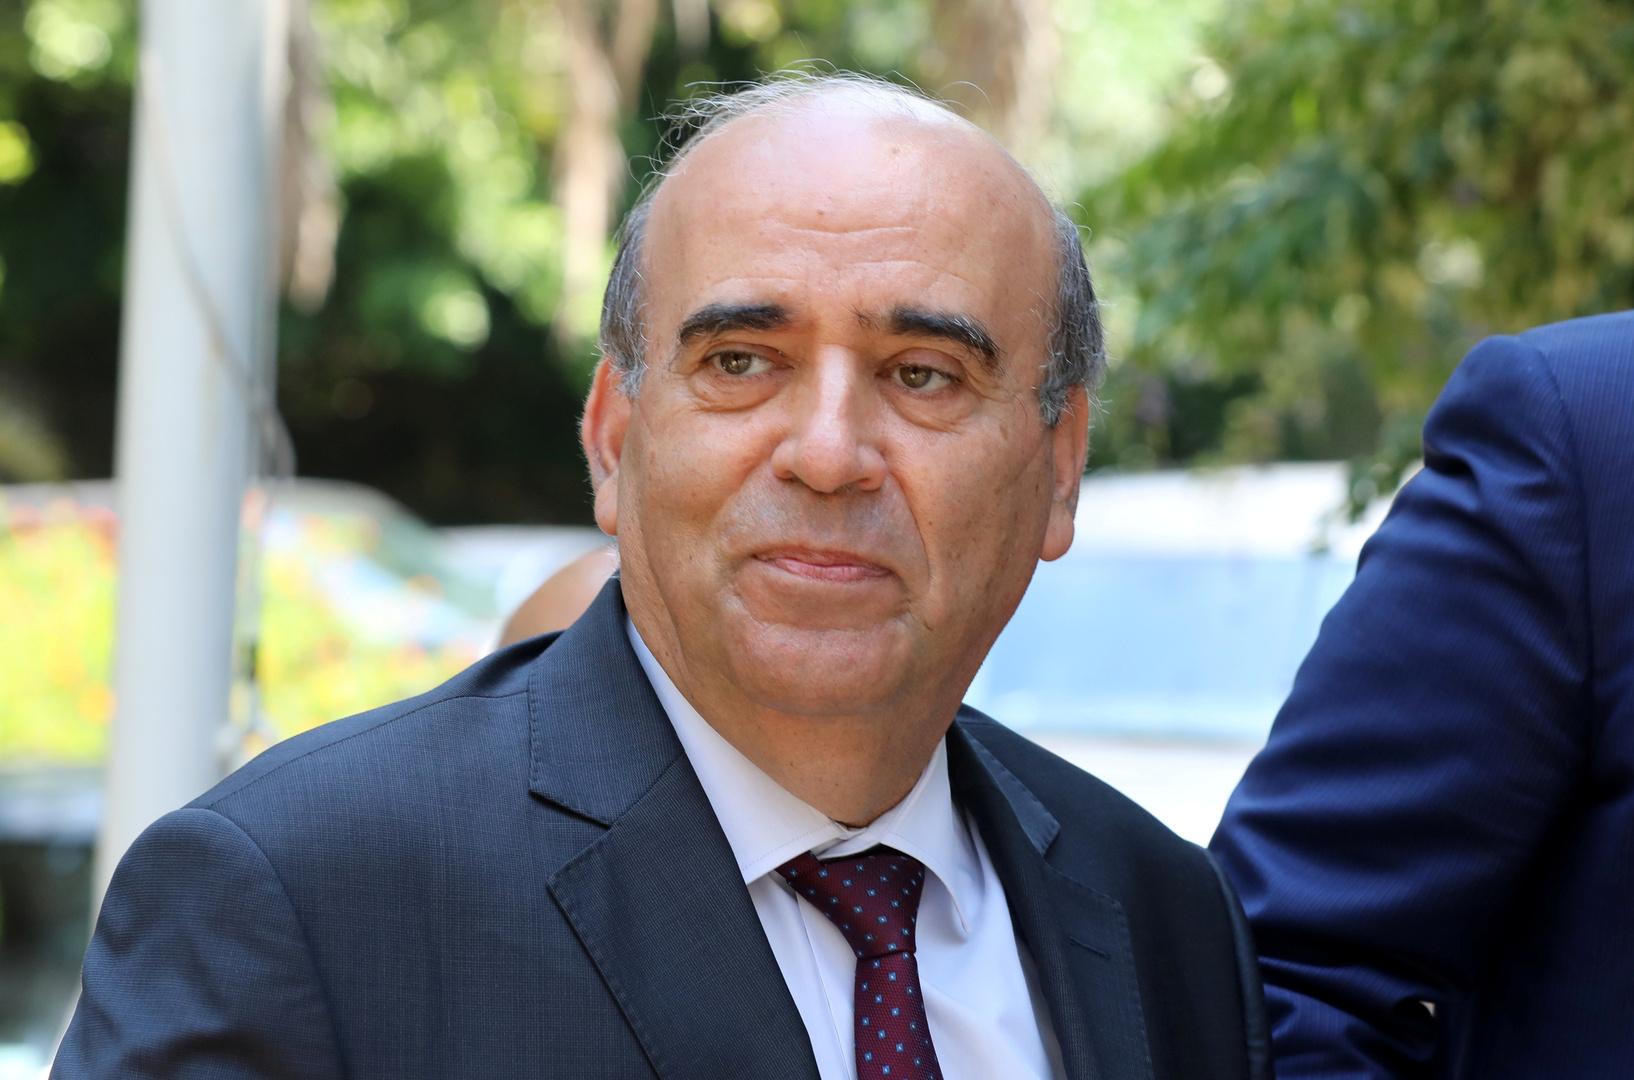 وزير لبناني ينفي أنباء عن عمليات إجلاء لمستشارين عسكريين وموظفين من سفارات لدى لبنان